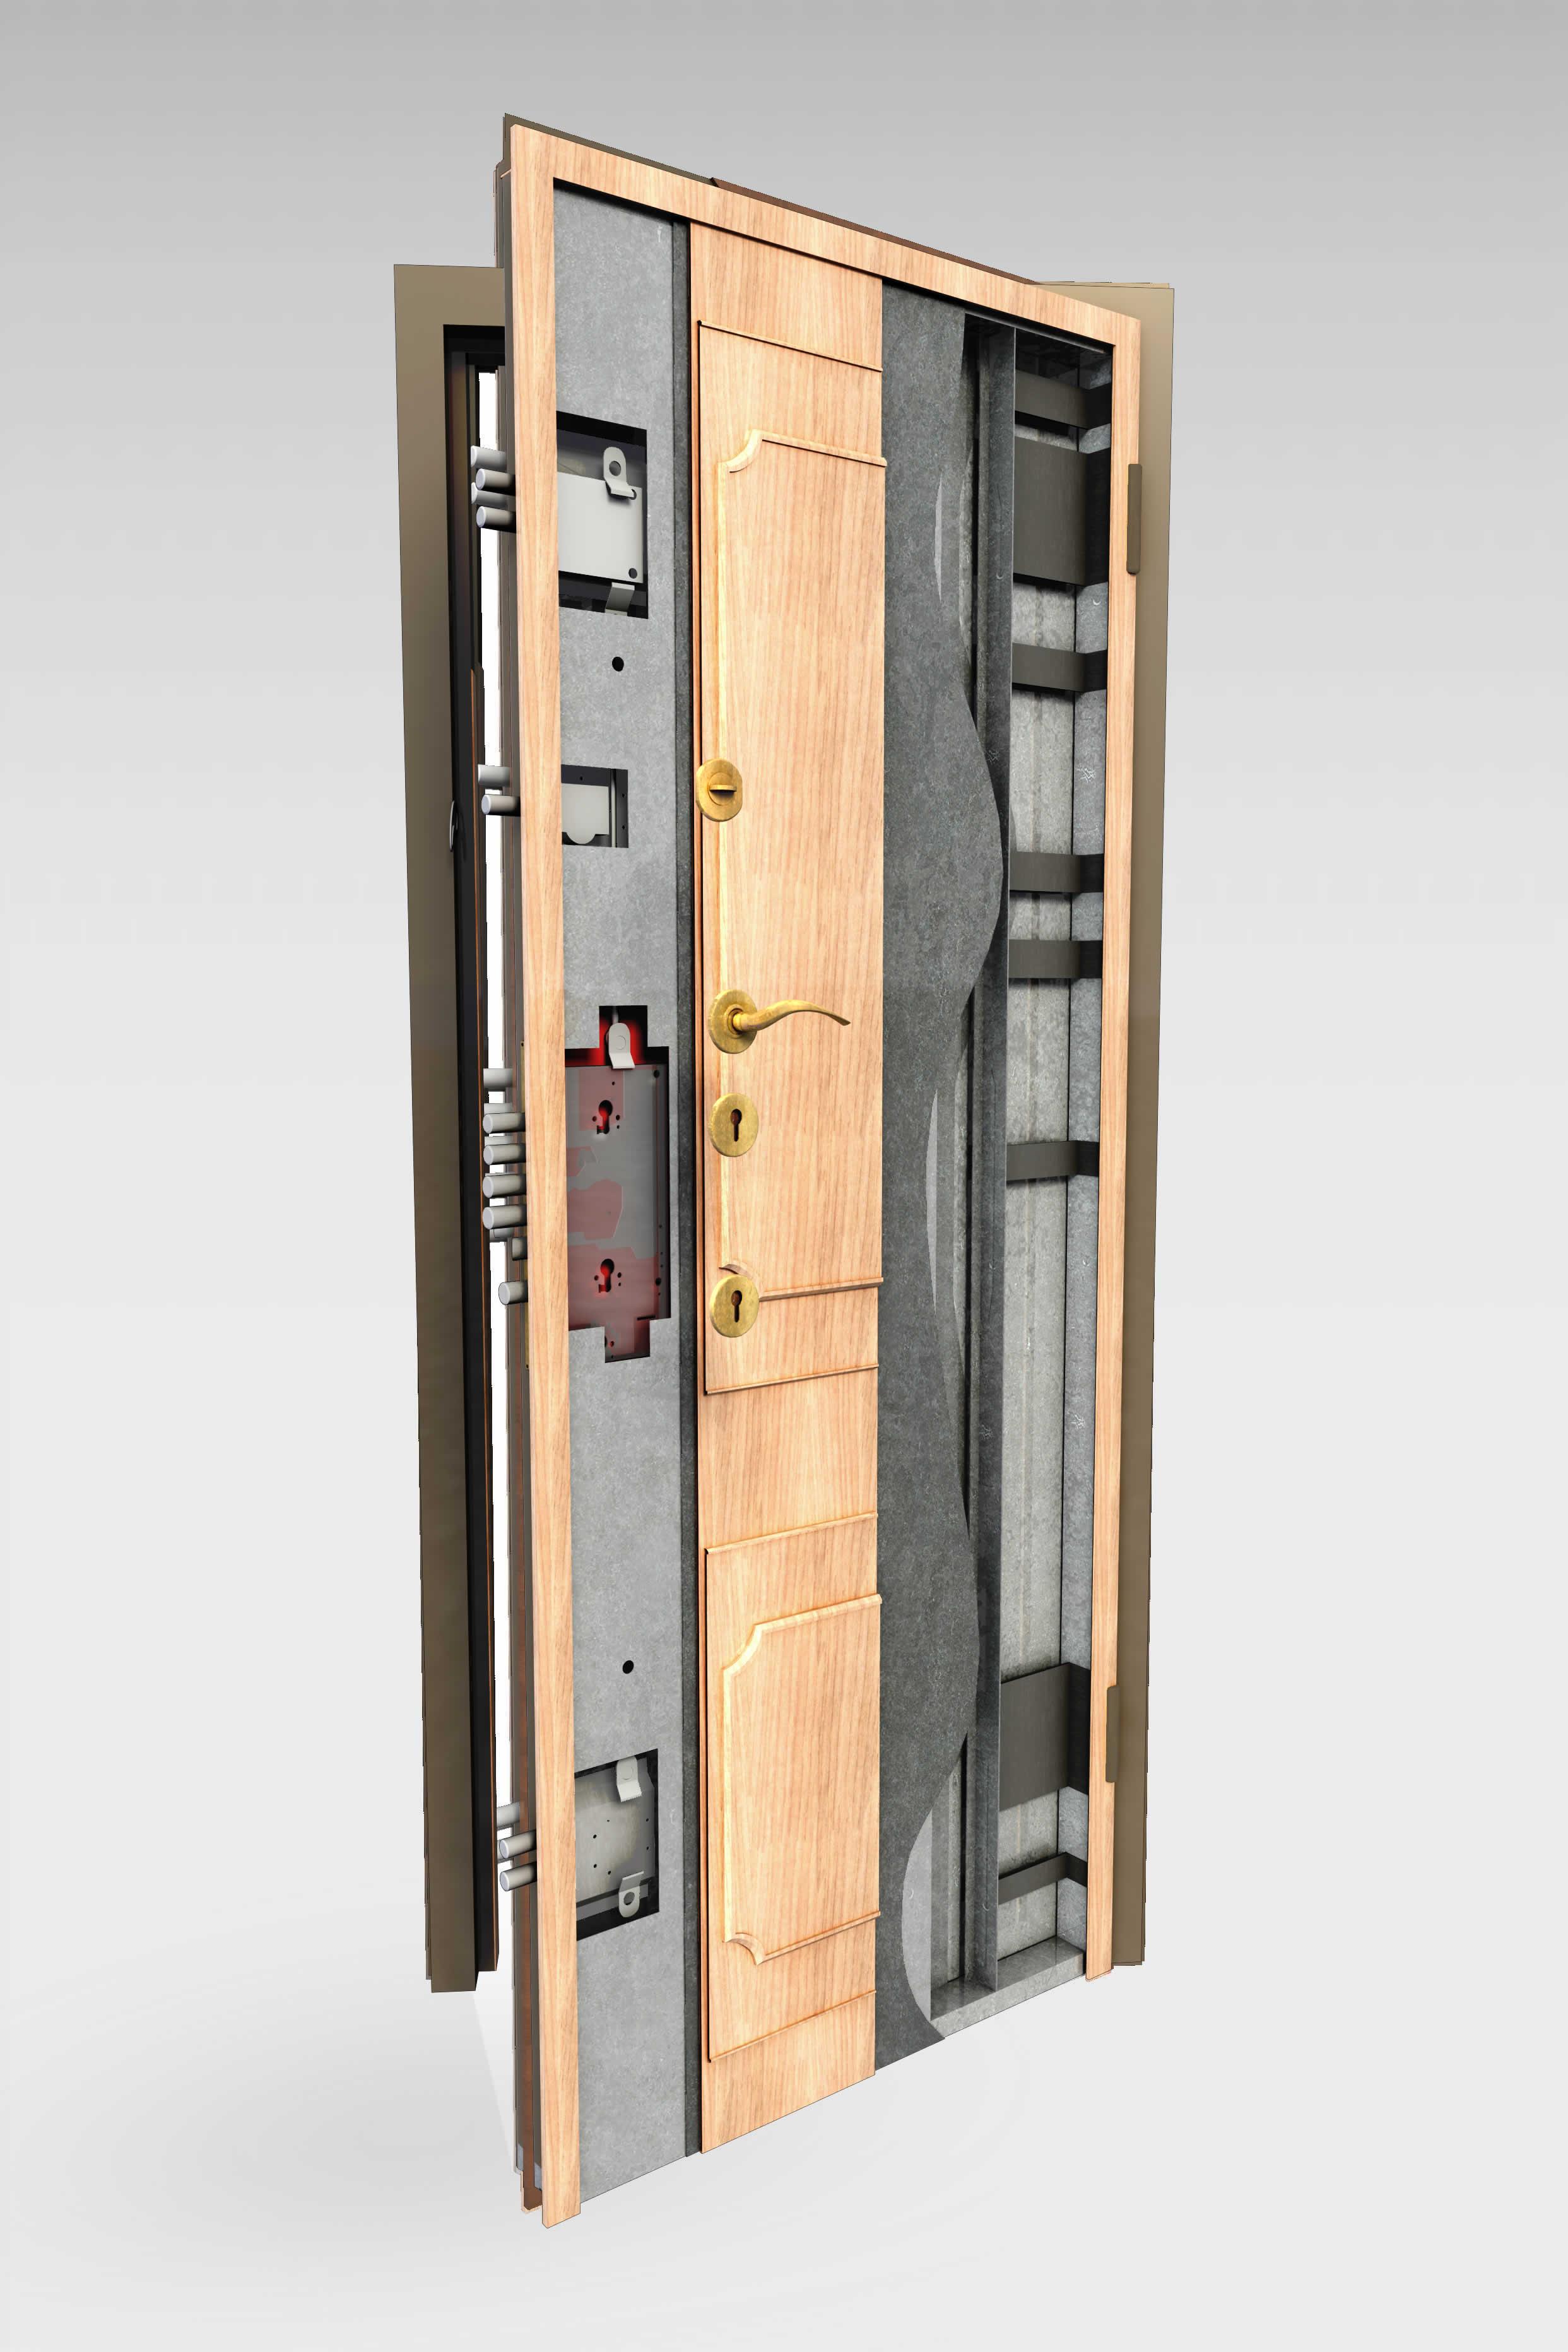 puerta acorazada 350 roconsa On puerta acorazada precio